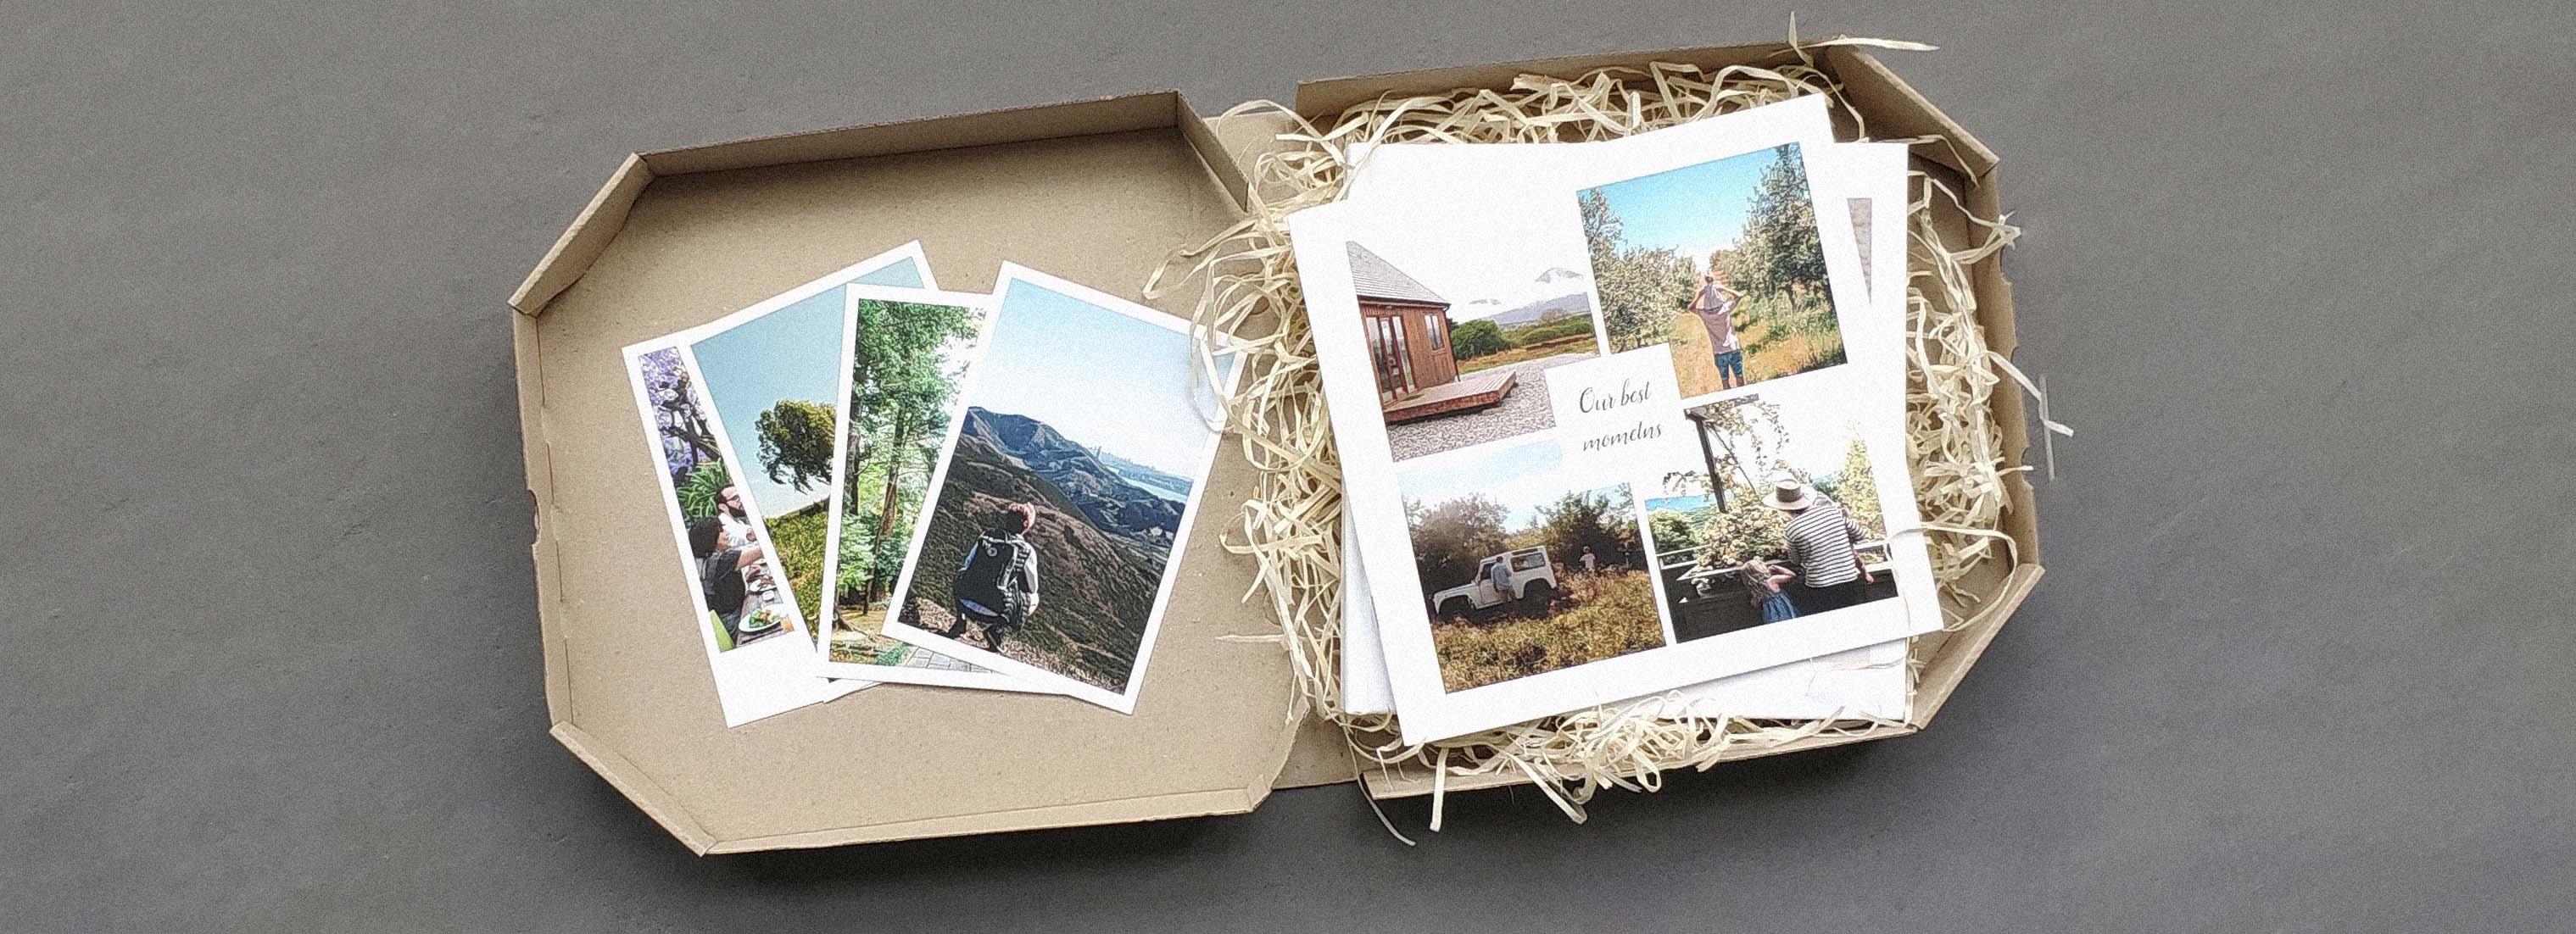 Book4me Букфоми - Фотокниги инстабук, фотожурналі - доставка и оплата